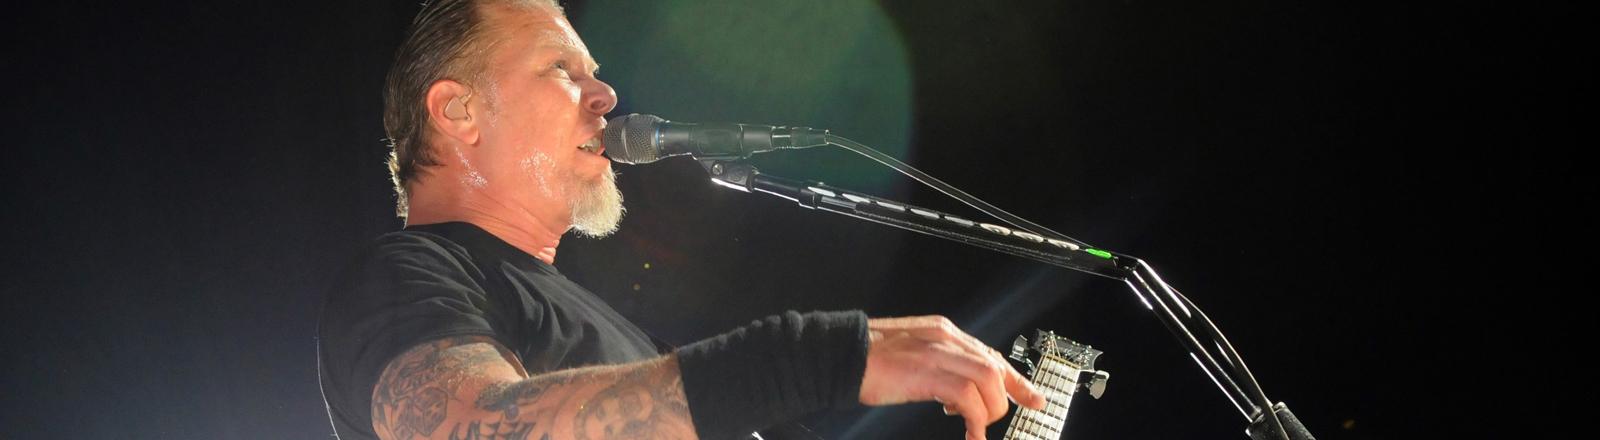 Der Sänger und Gitarrist James Hetfield der Heavy-Metal-Band Metallica 2009